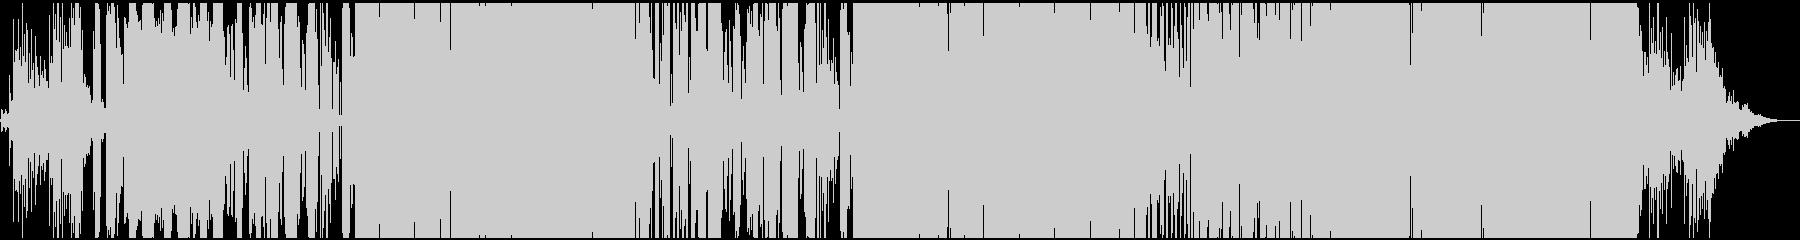 ファンクなグルーヴのカッコいいジングルの未再生の波形